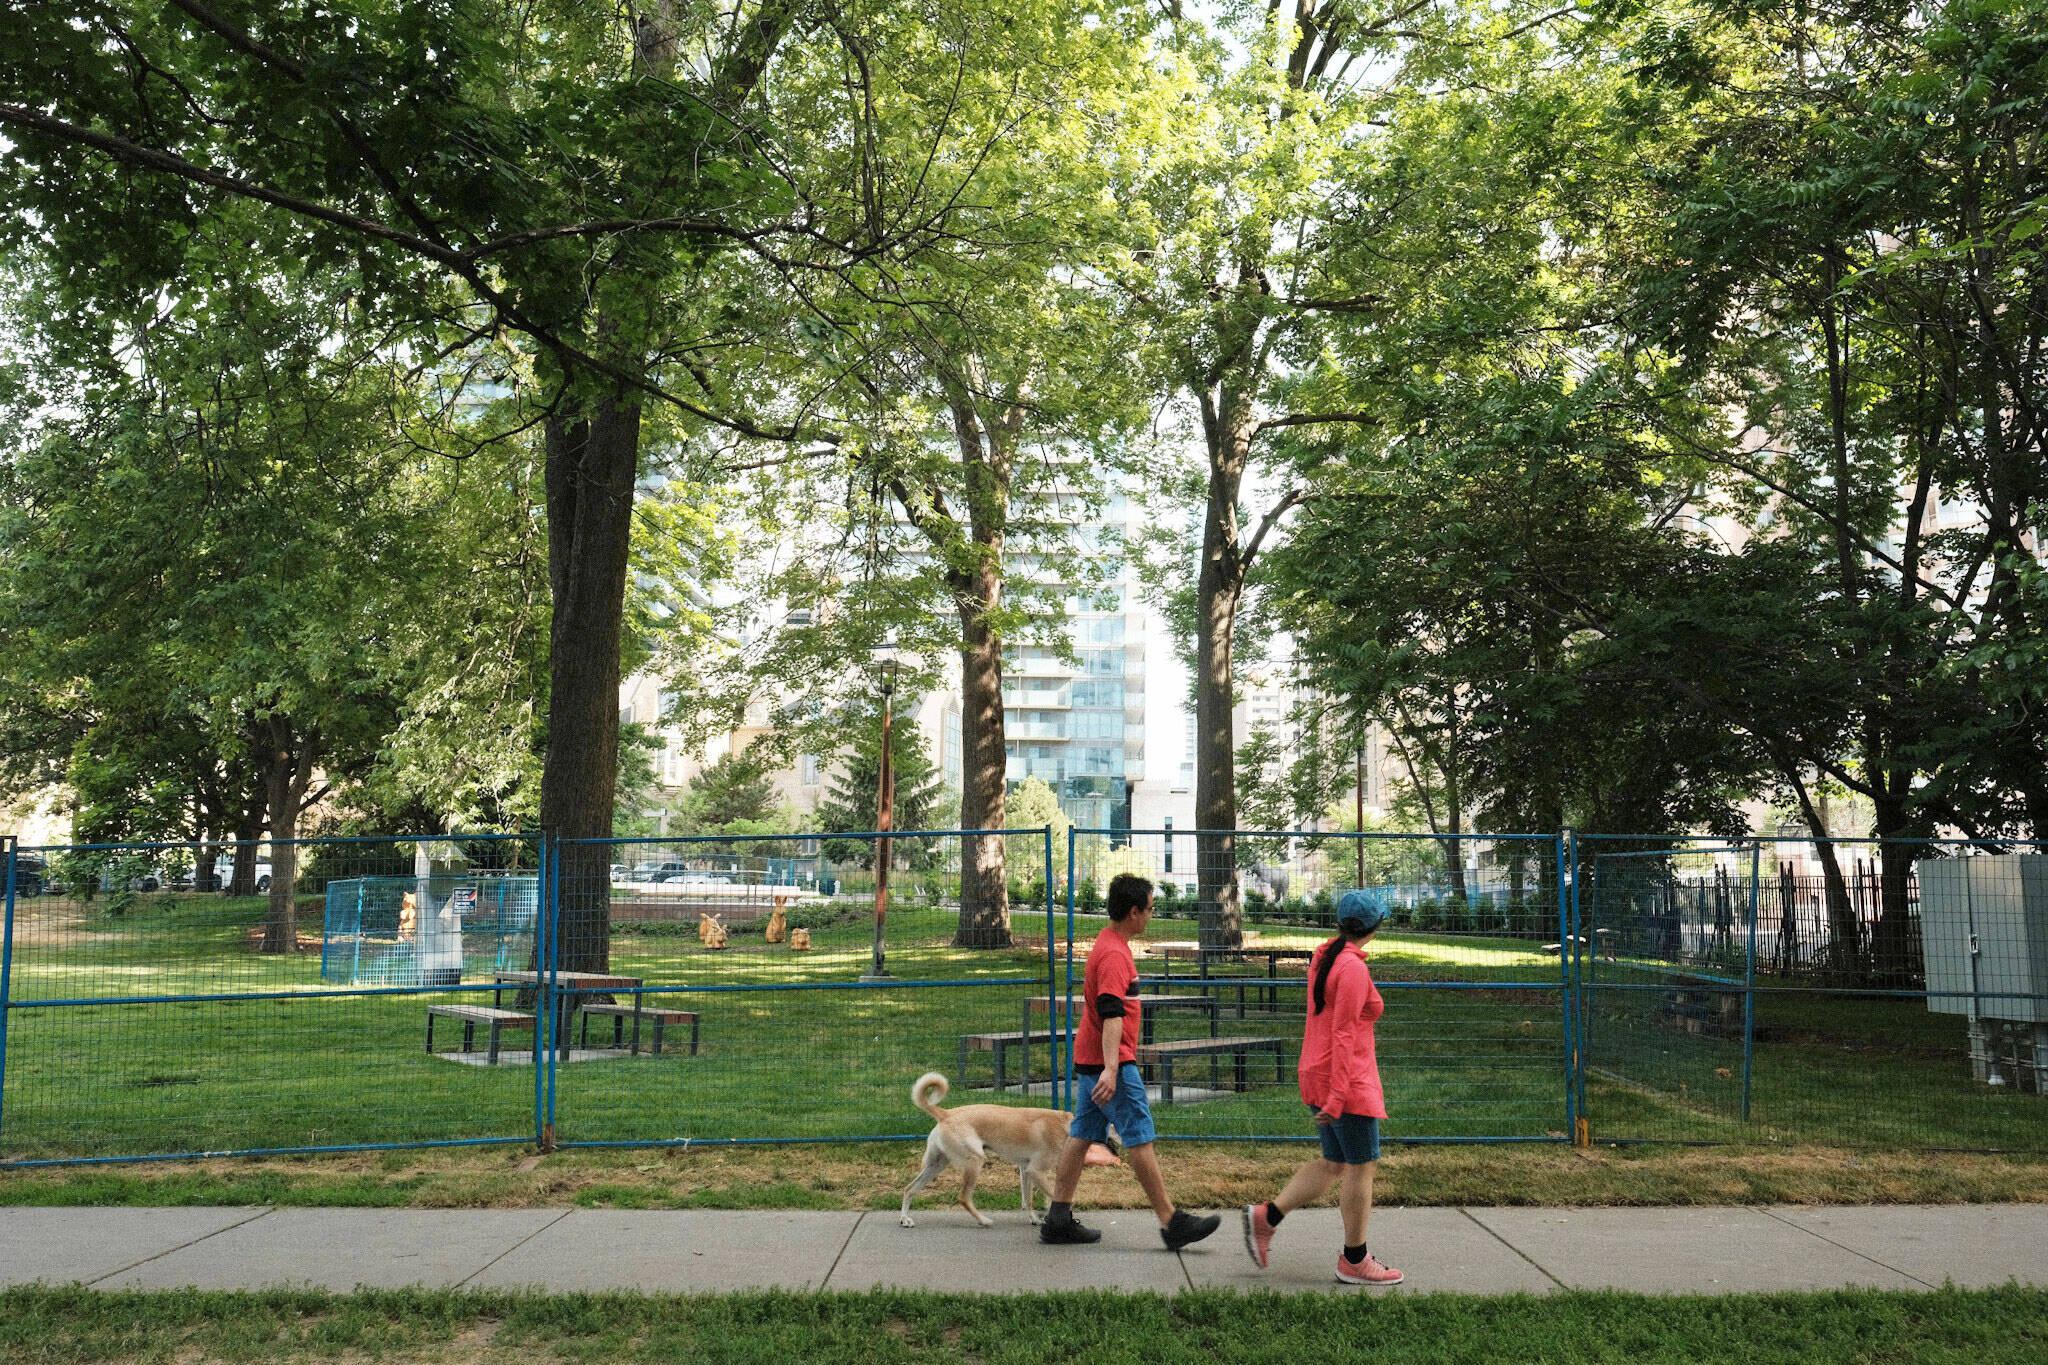 clover hill park